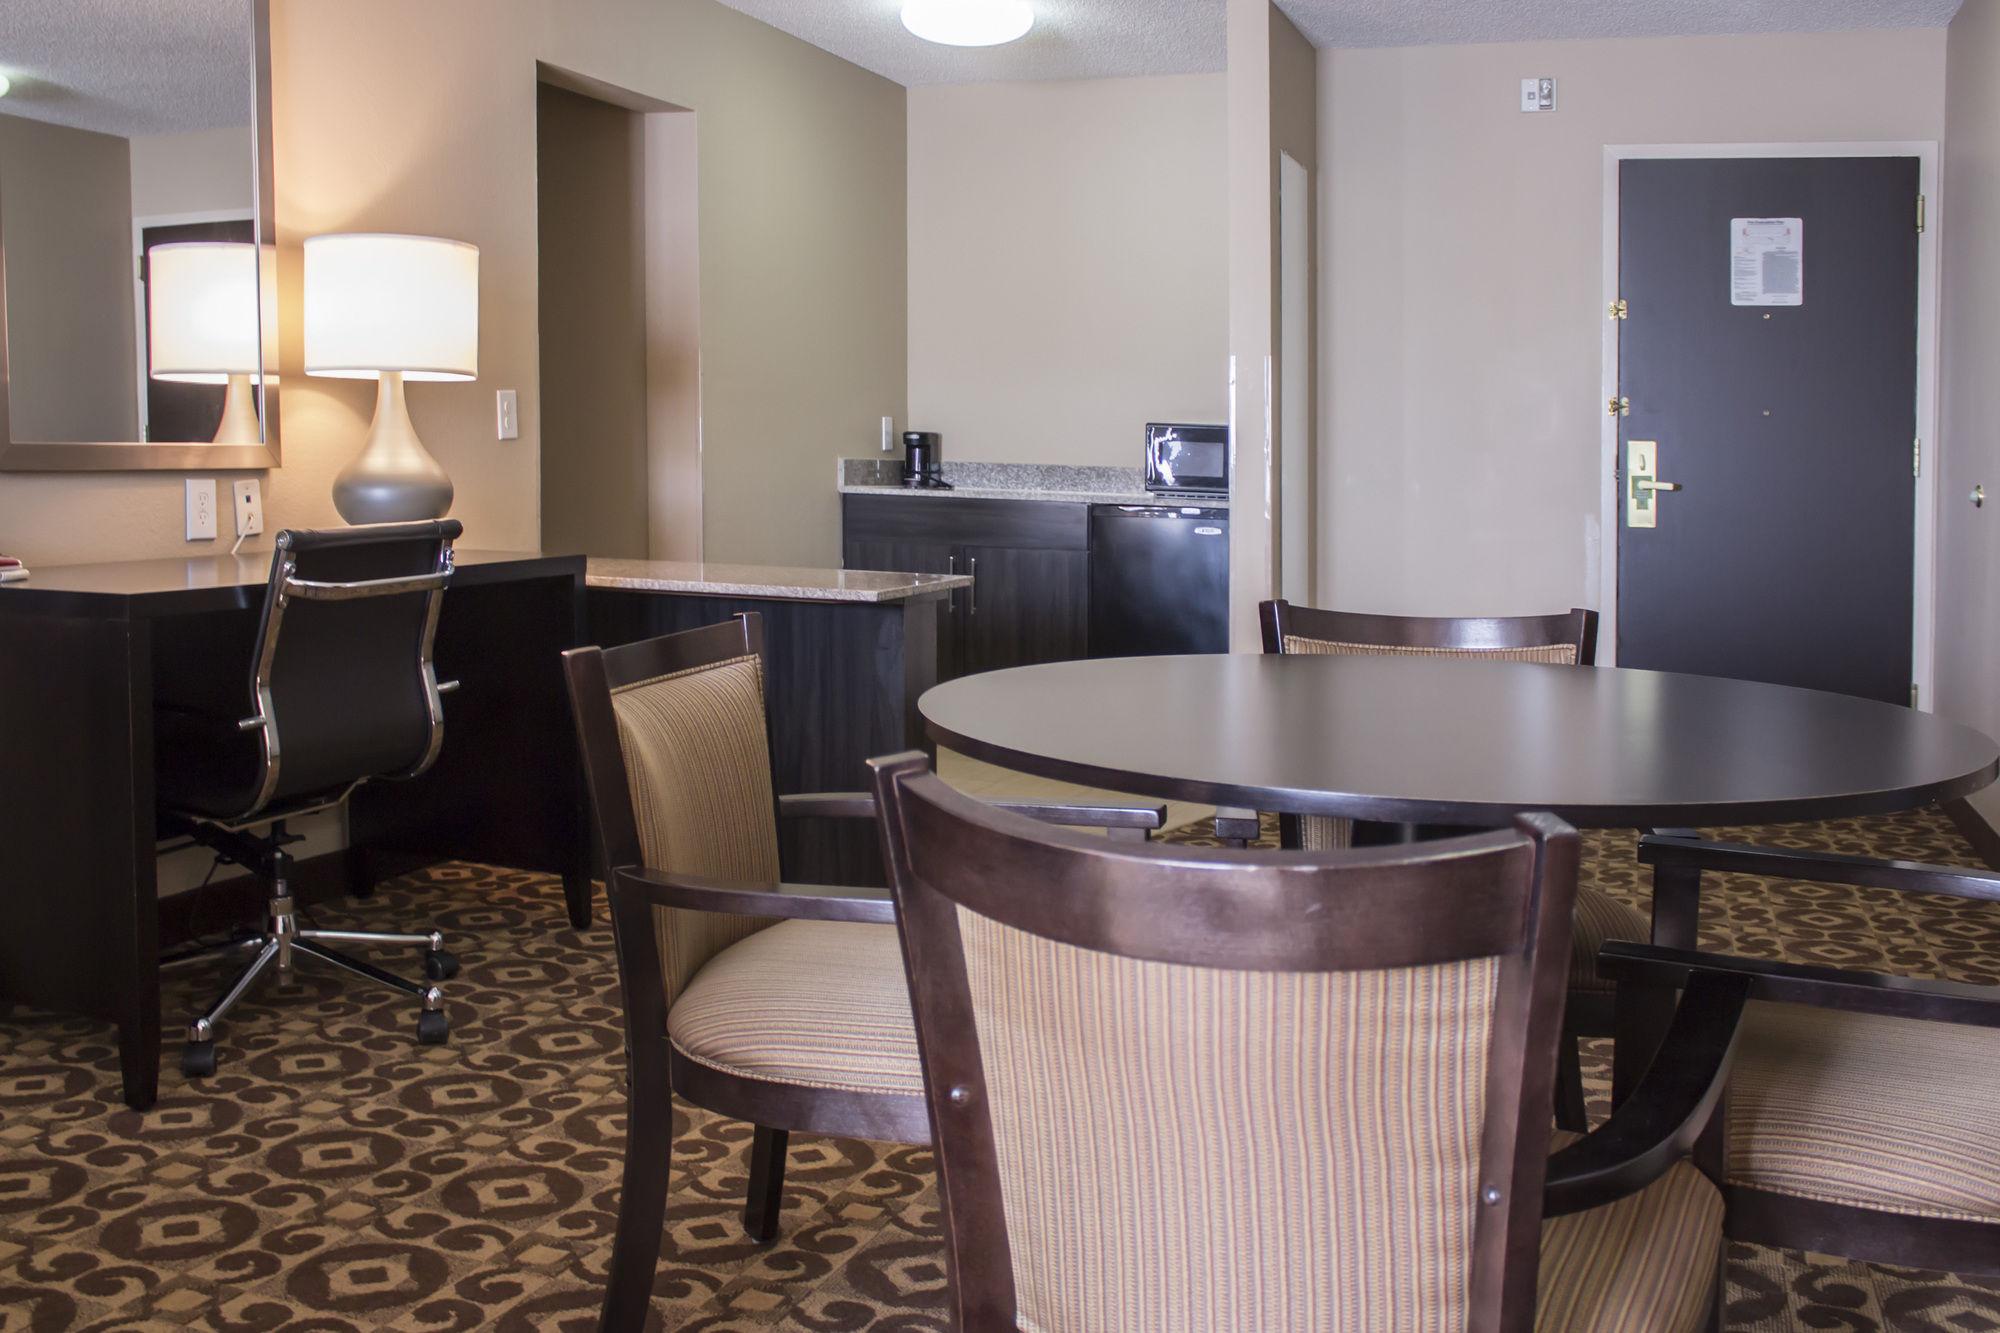 Comfort Inn & Suites in Trussville, AL